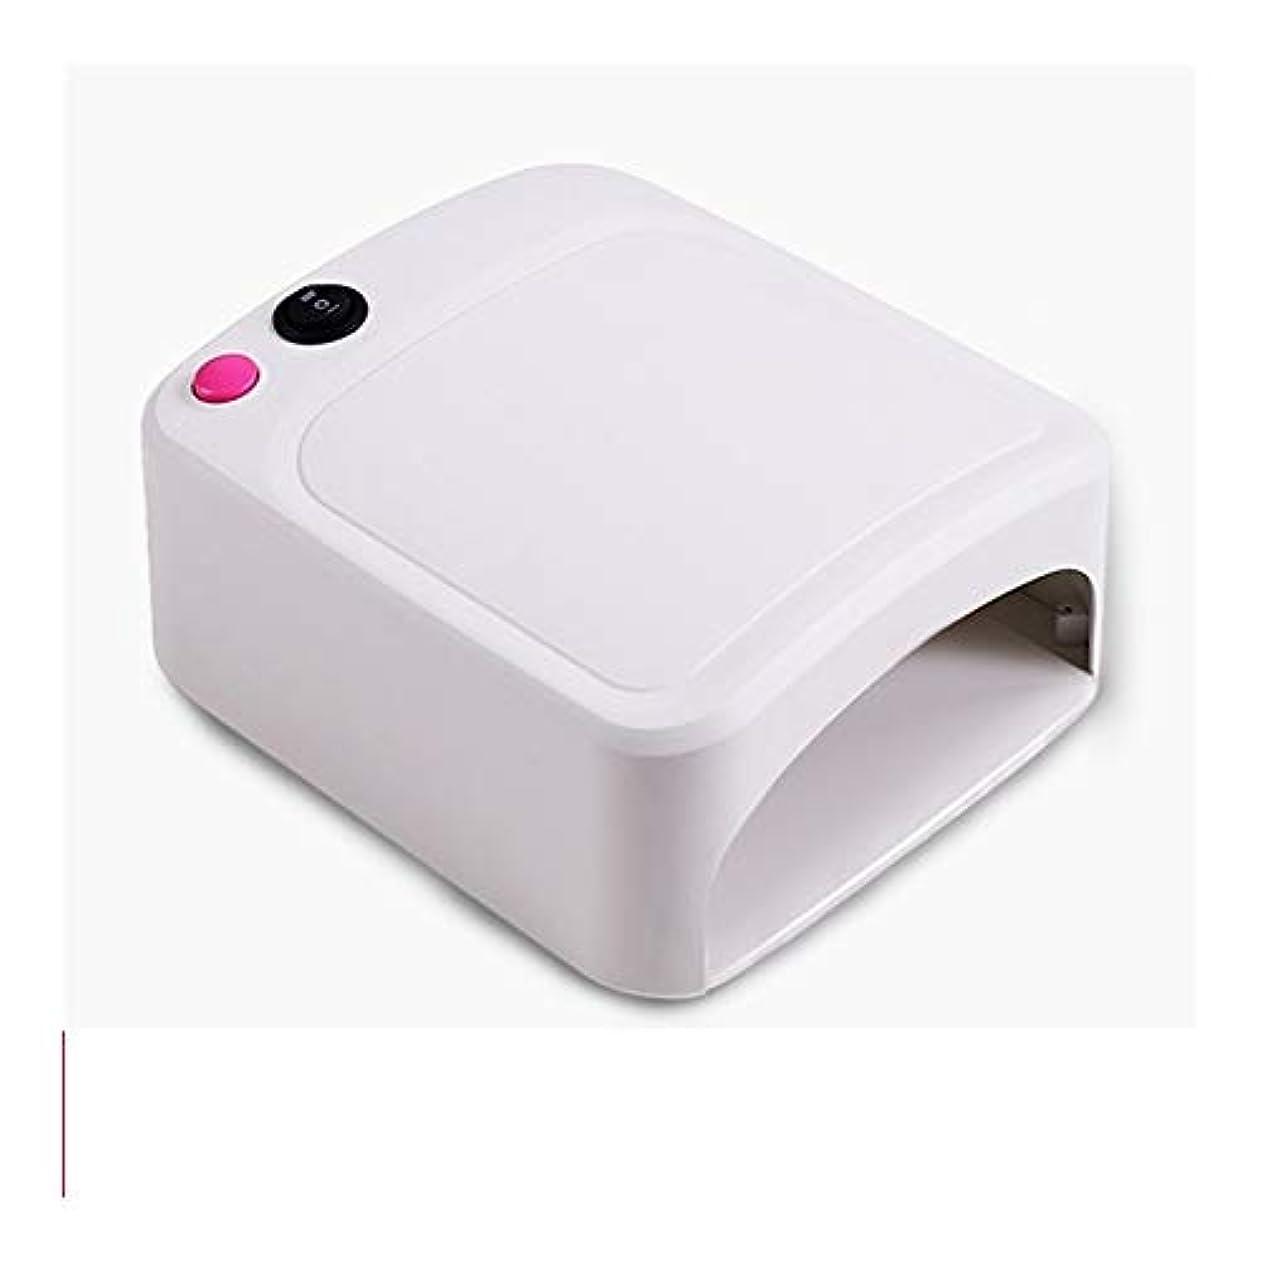 ペットアノイ編集者LittleCat ネイルネイル光線療法機UVランプ36W UVライトローストネイルドライヤー (色 : Pink euro circle)